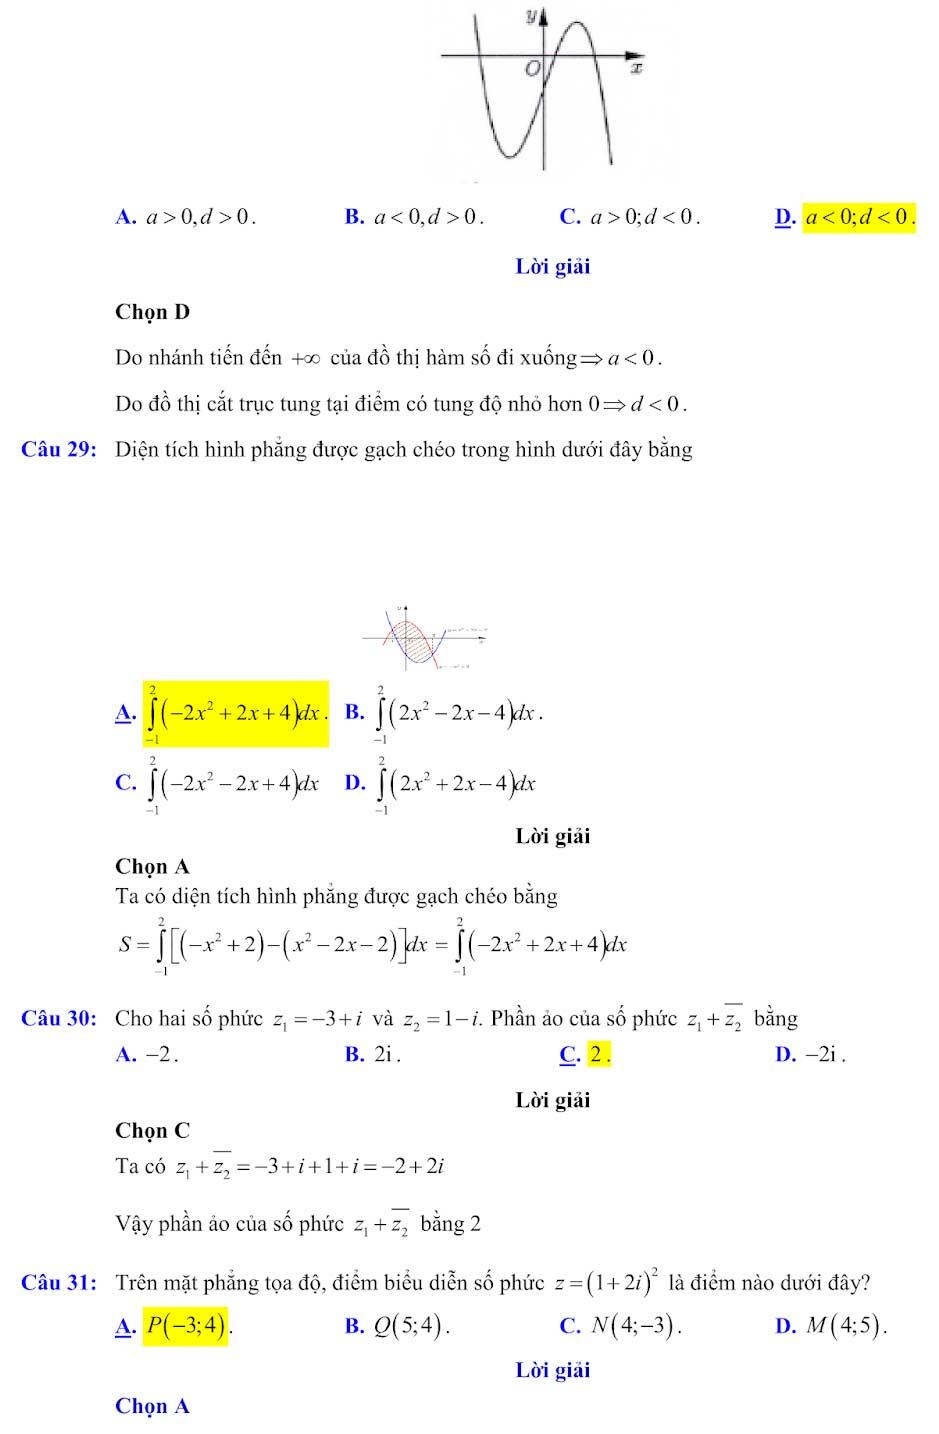 Đáp án đề minh họa thi thpt quốc gia môn toán 2020 lần 1_8